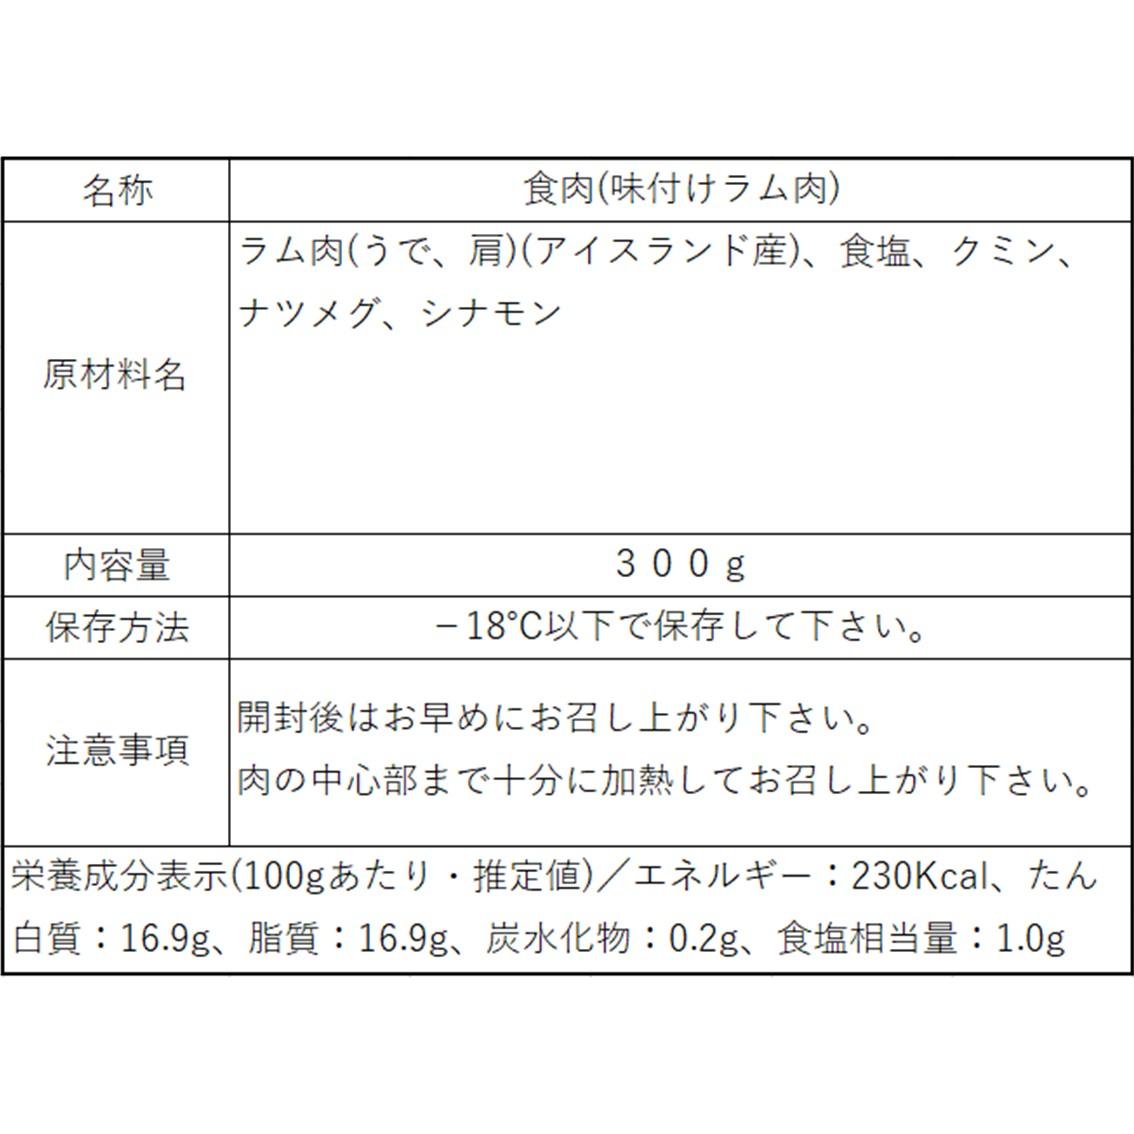 ラム粗挽きミンチ LUXE BURGERS監修スパイスブレンド【アイスランドラム】300g